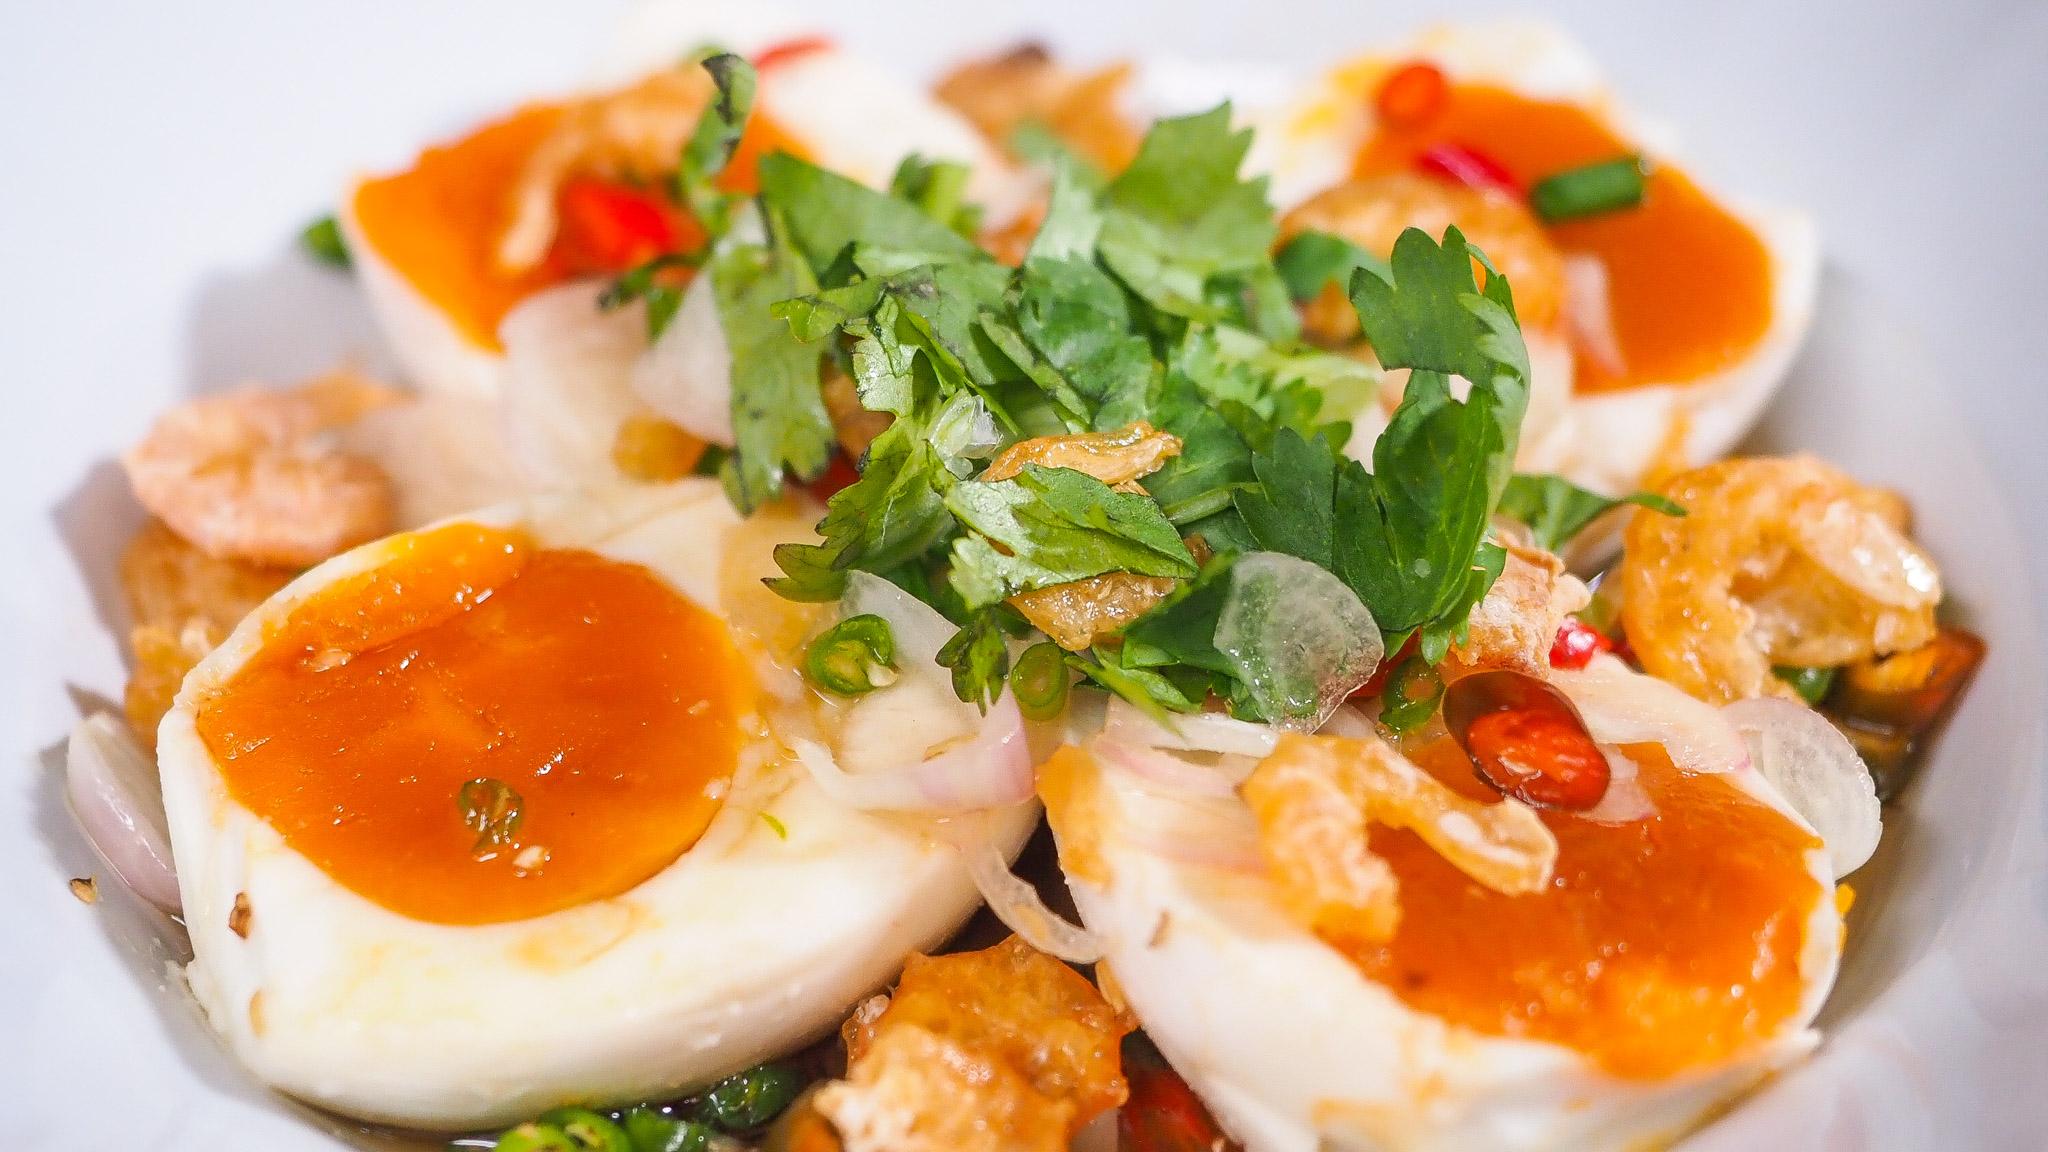 วิธีทำยำไข่เค็มให้อร่อย เหมือนร้านข้าวต้ม พร้อมสูตรน้ำยำรสเด็ด ทำง่ายมาก - Mai's Kitchen - Pantip